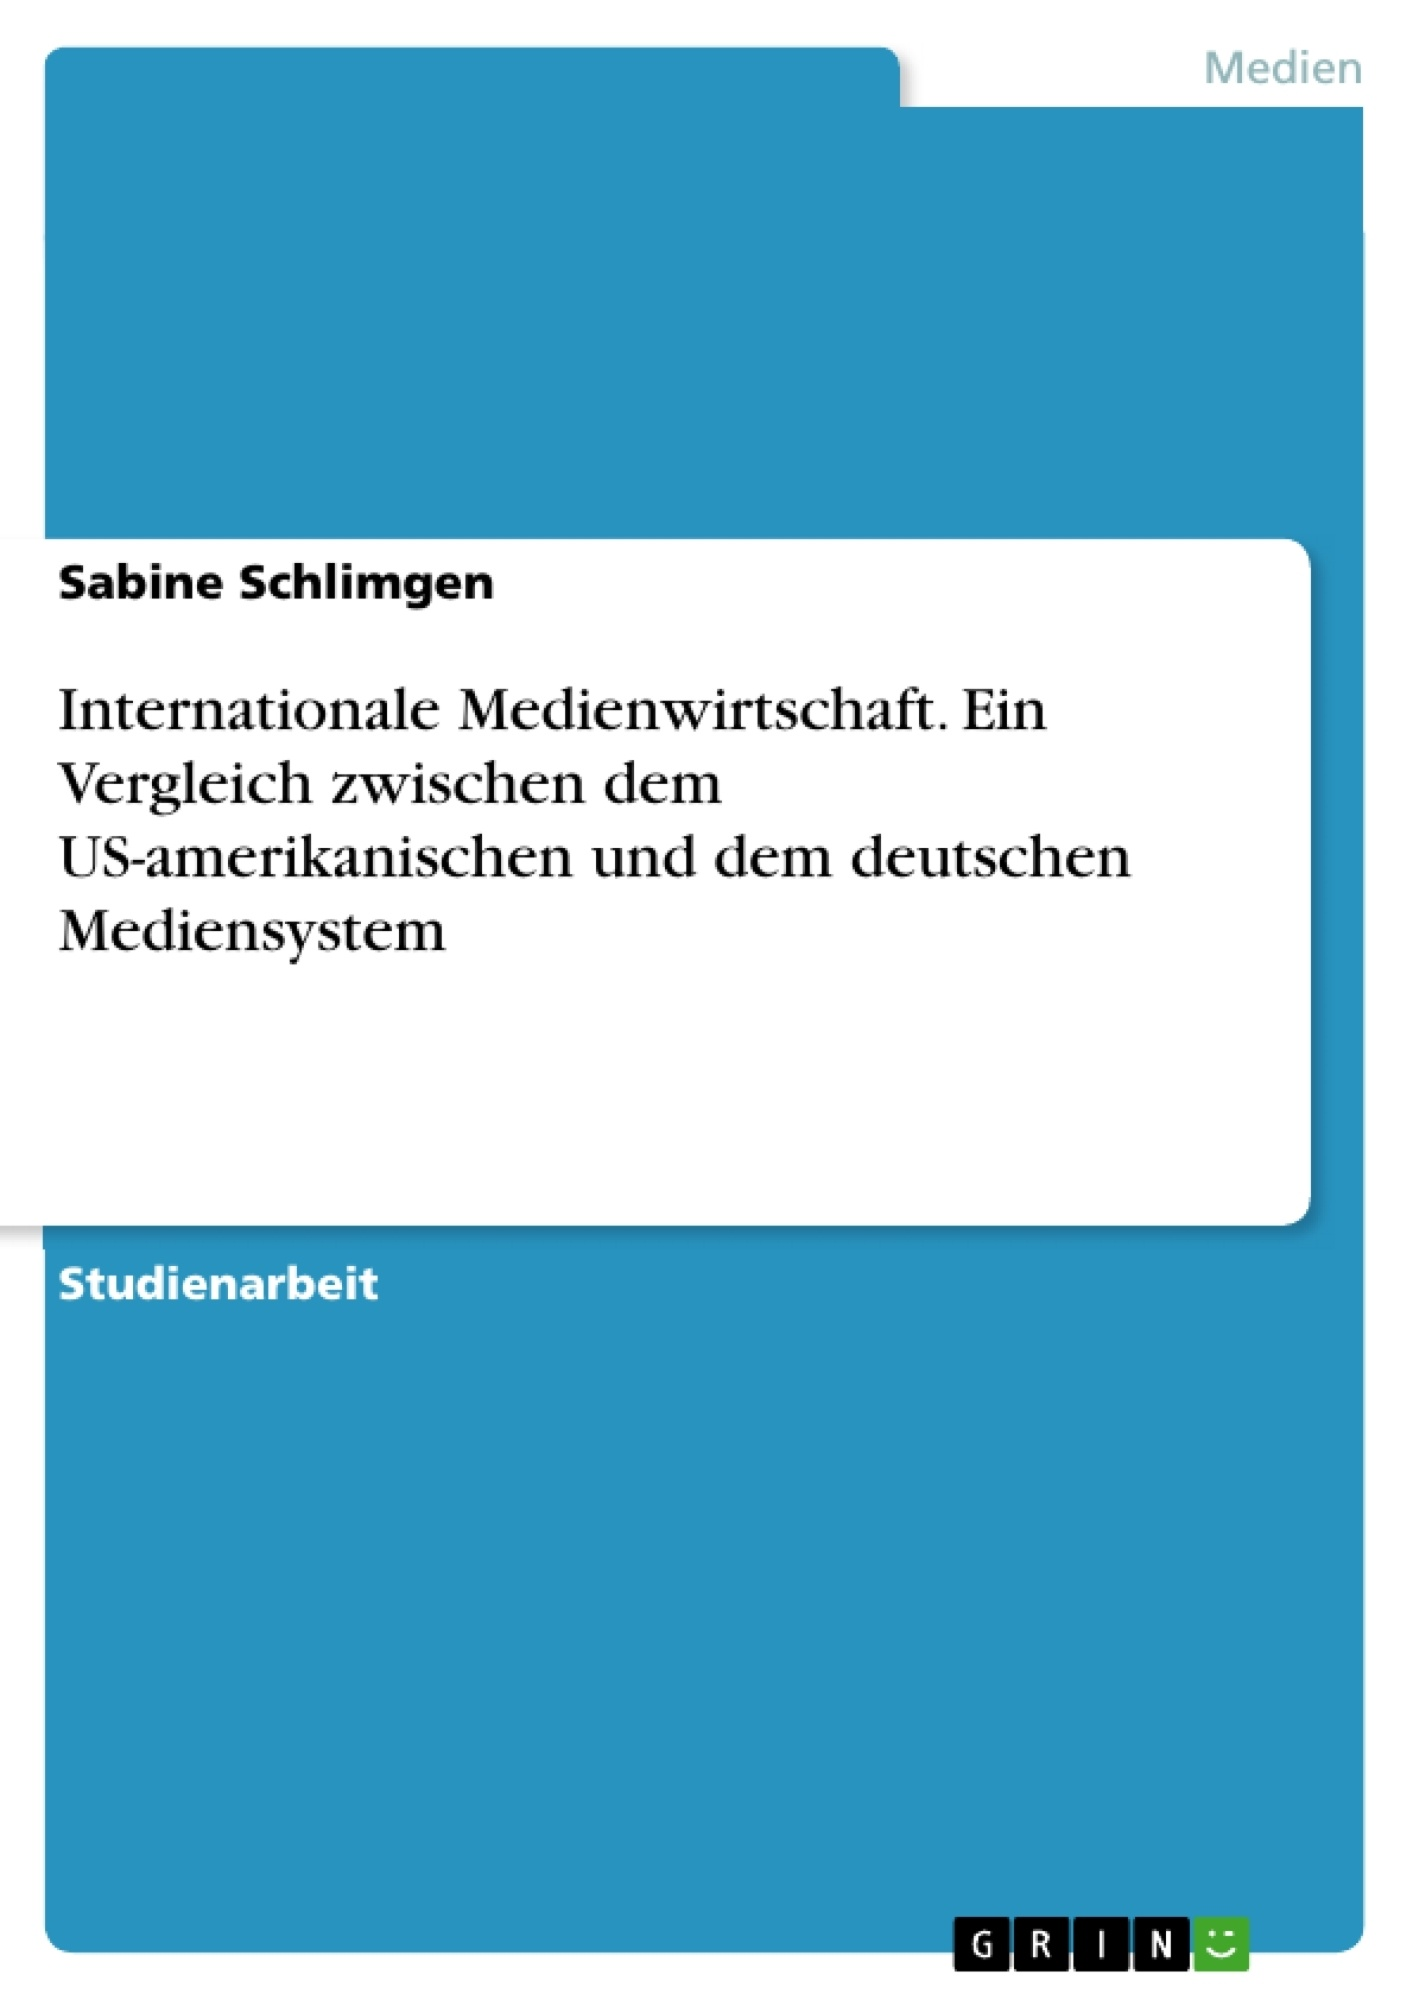 Titel: Internationale Medienwirtschaft. Ein Vergleich zwischen dem US-amerikanischen und dem deutschen Mediensystem